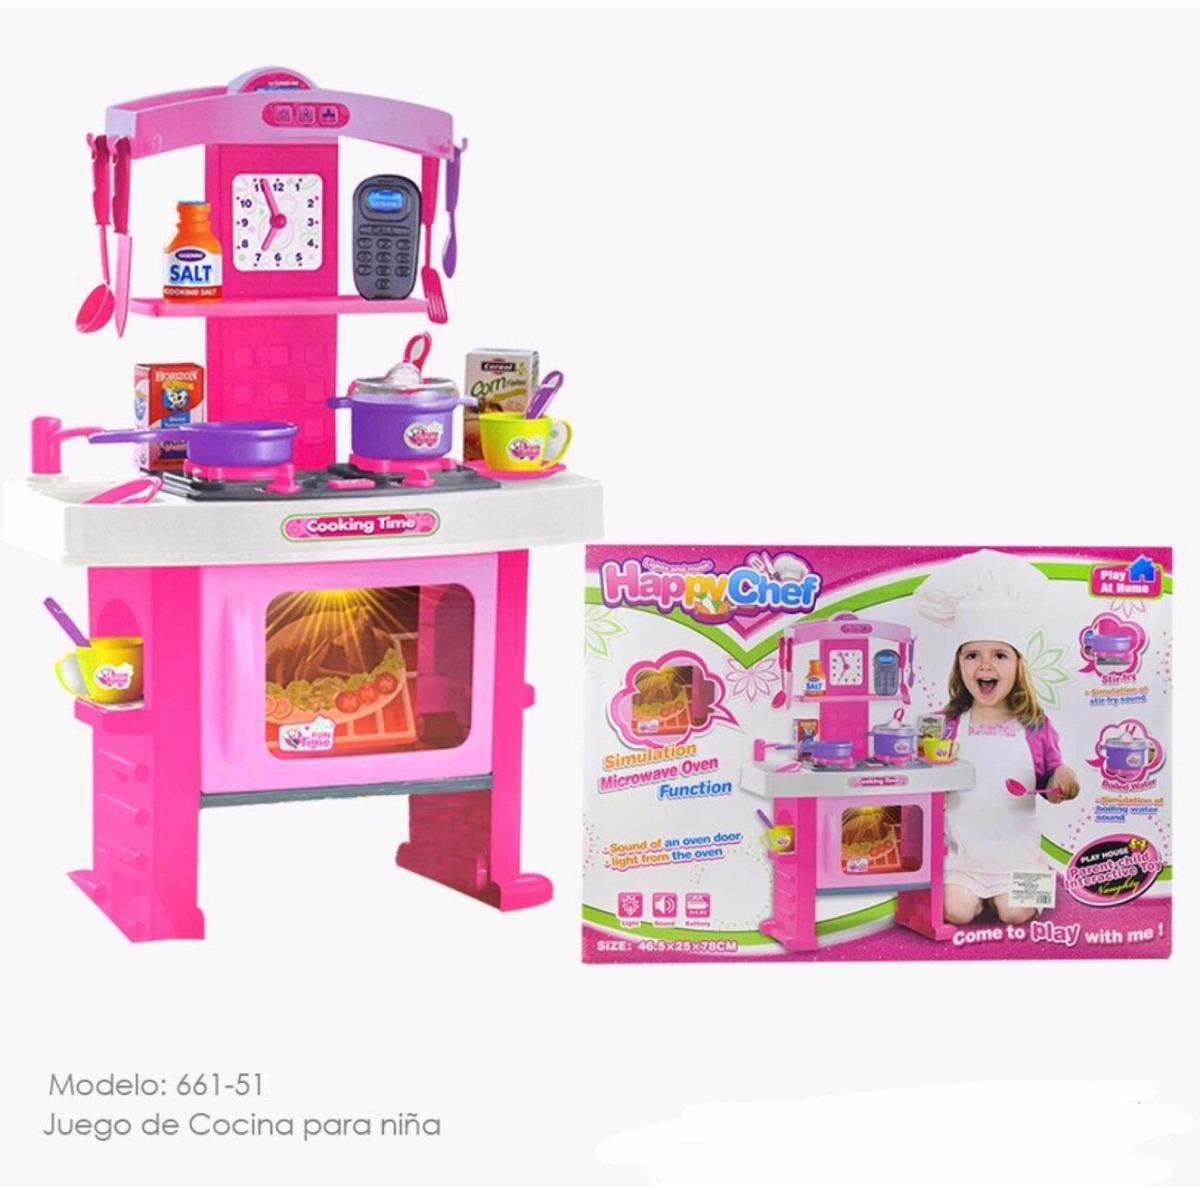 Juego De Cocina Para Nina 599 00 En Mercado Libre